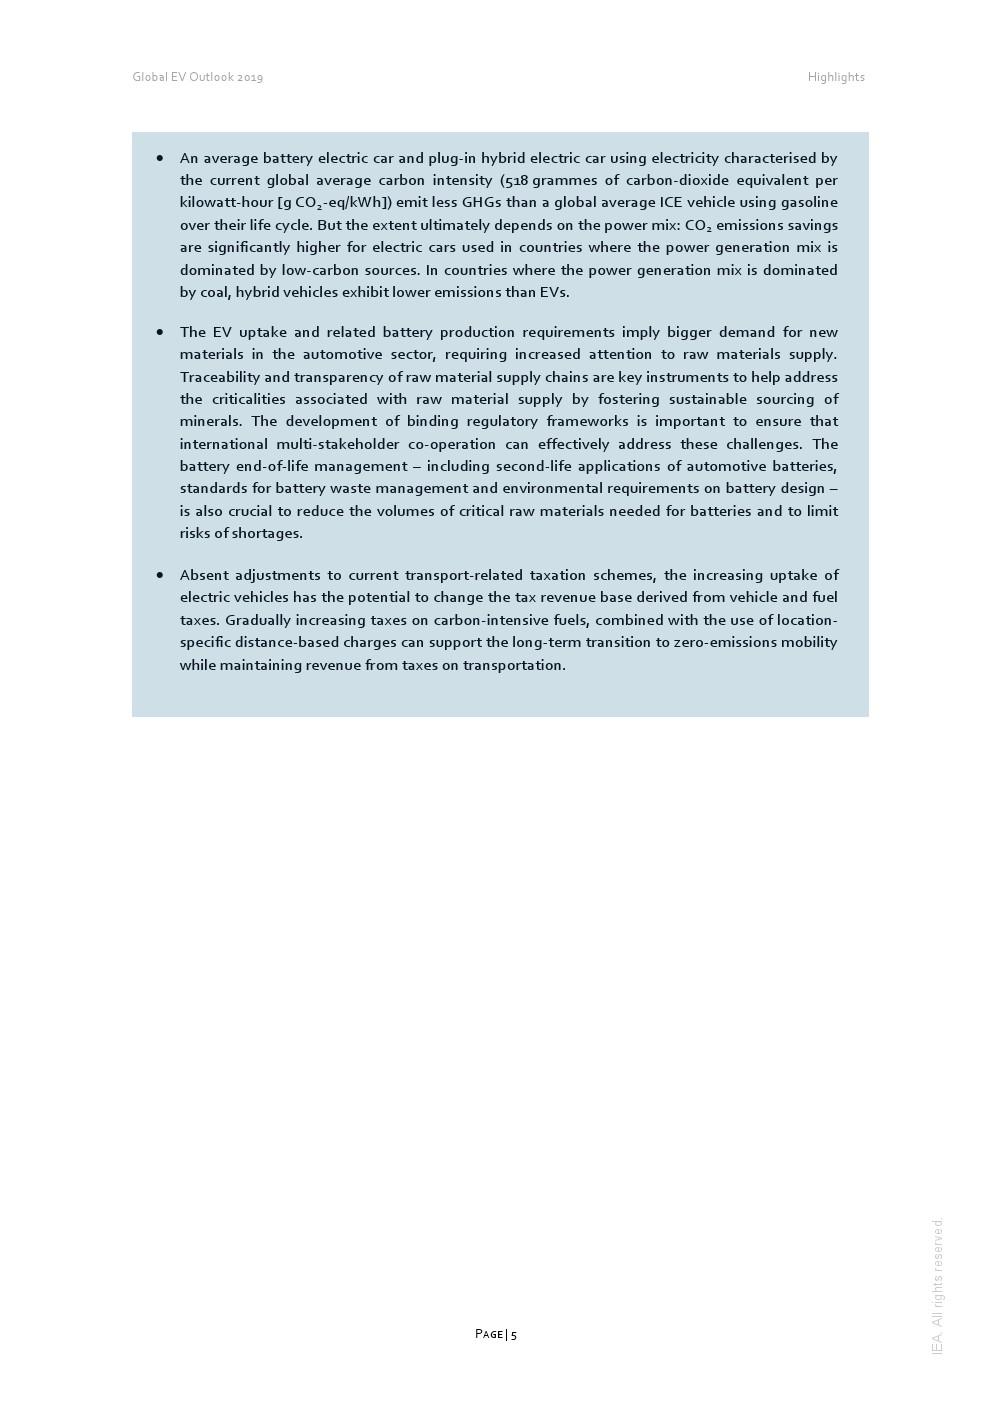 IEA:2019年全球电动汽车报告